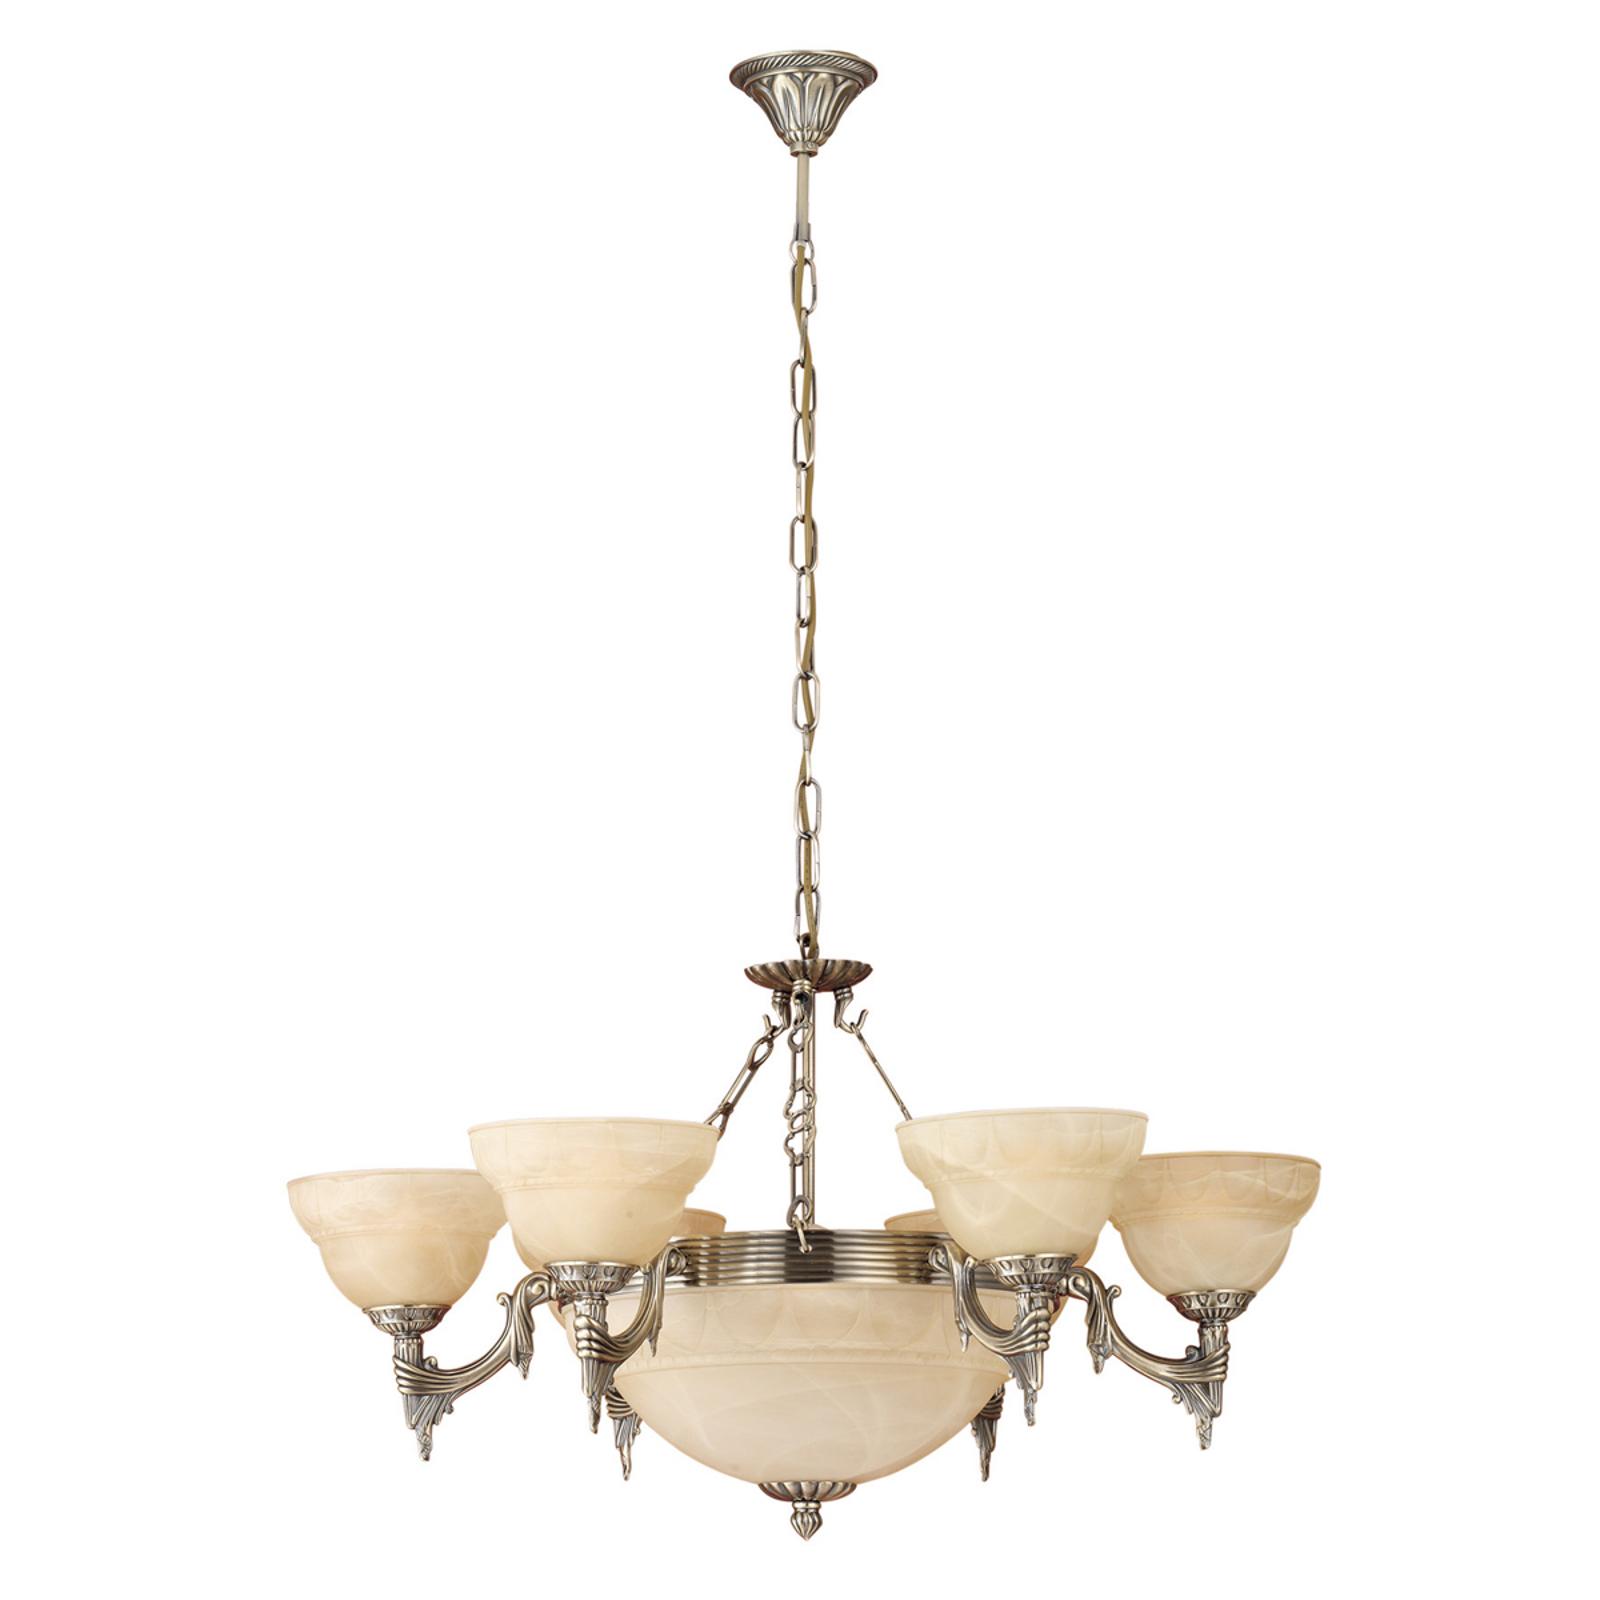 Ornamental lámpara colgante Marilla con 9 brazos